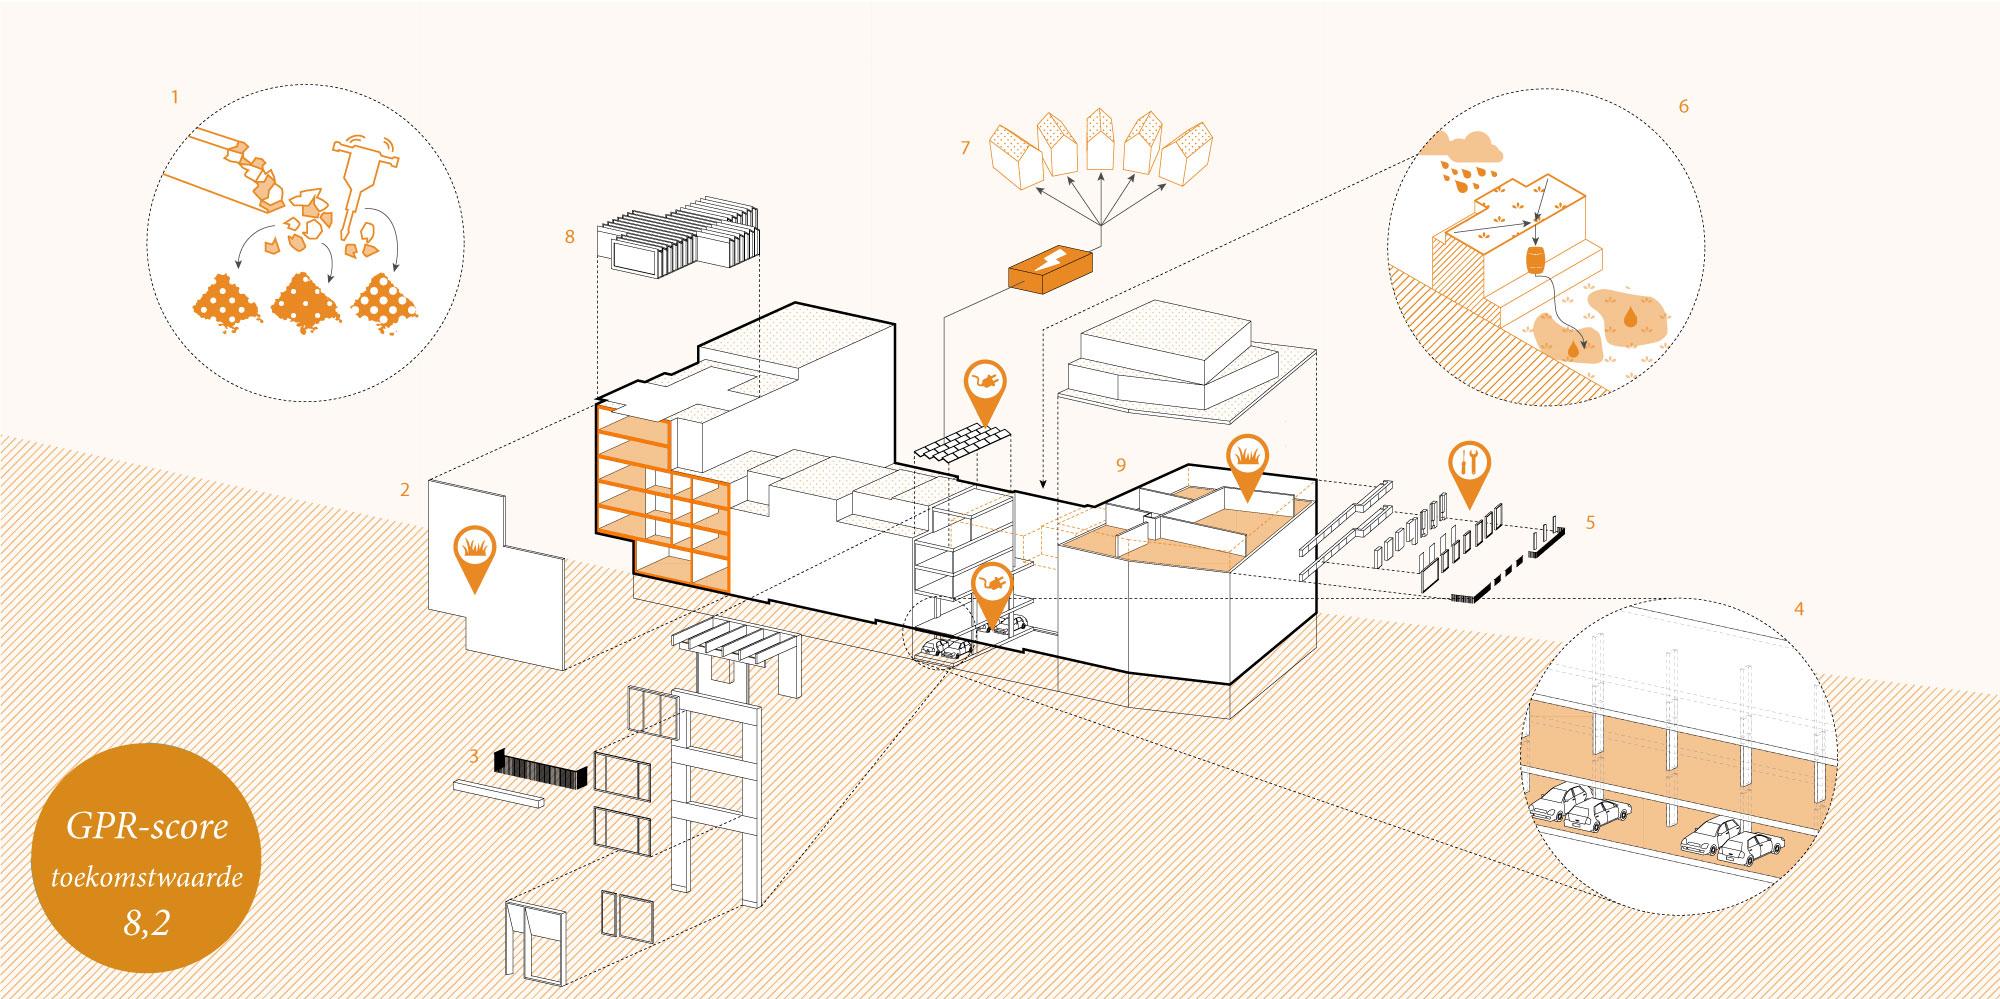 toekomst-en-Innovatie-woningbouw-binnenstedelijk